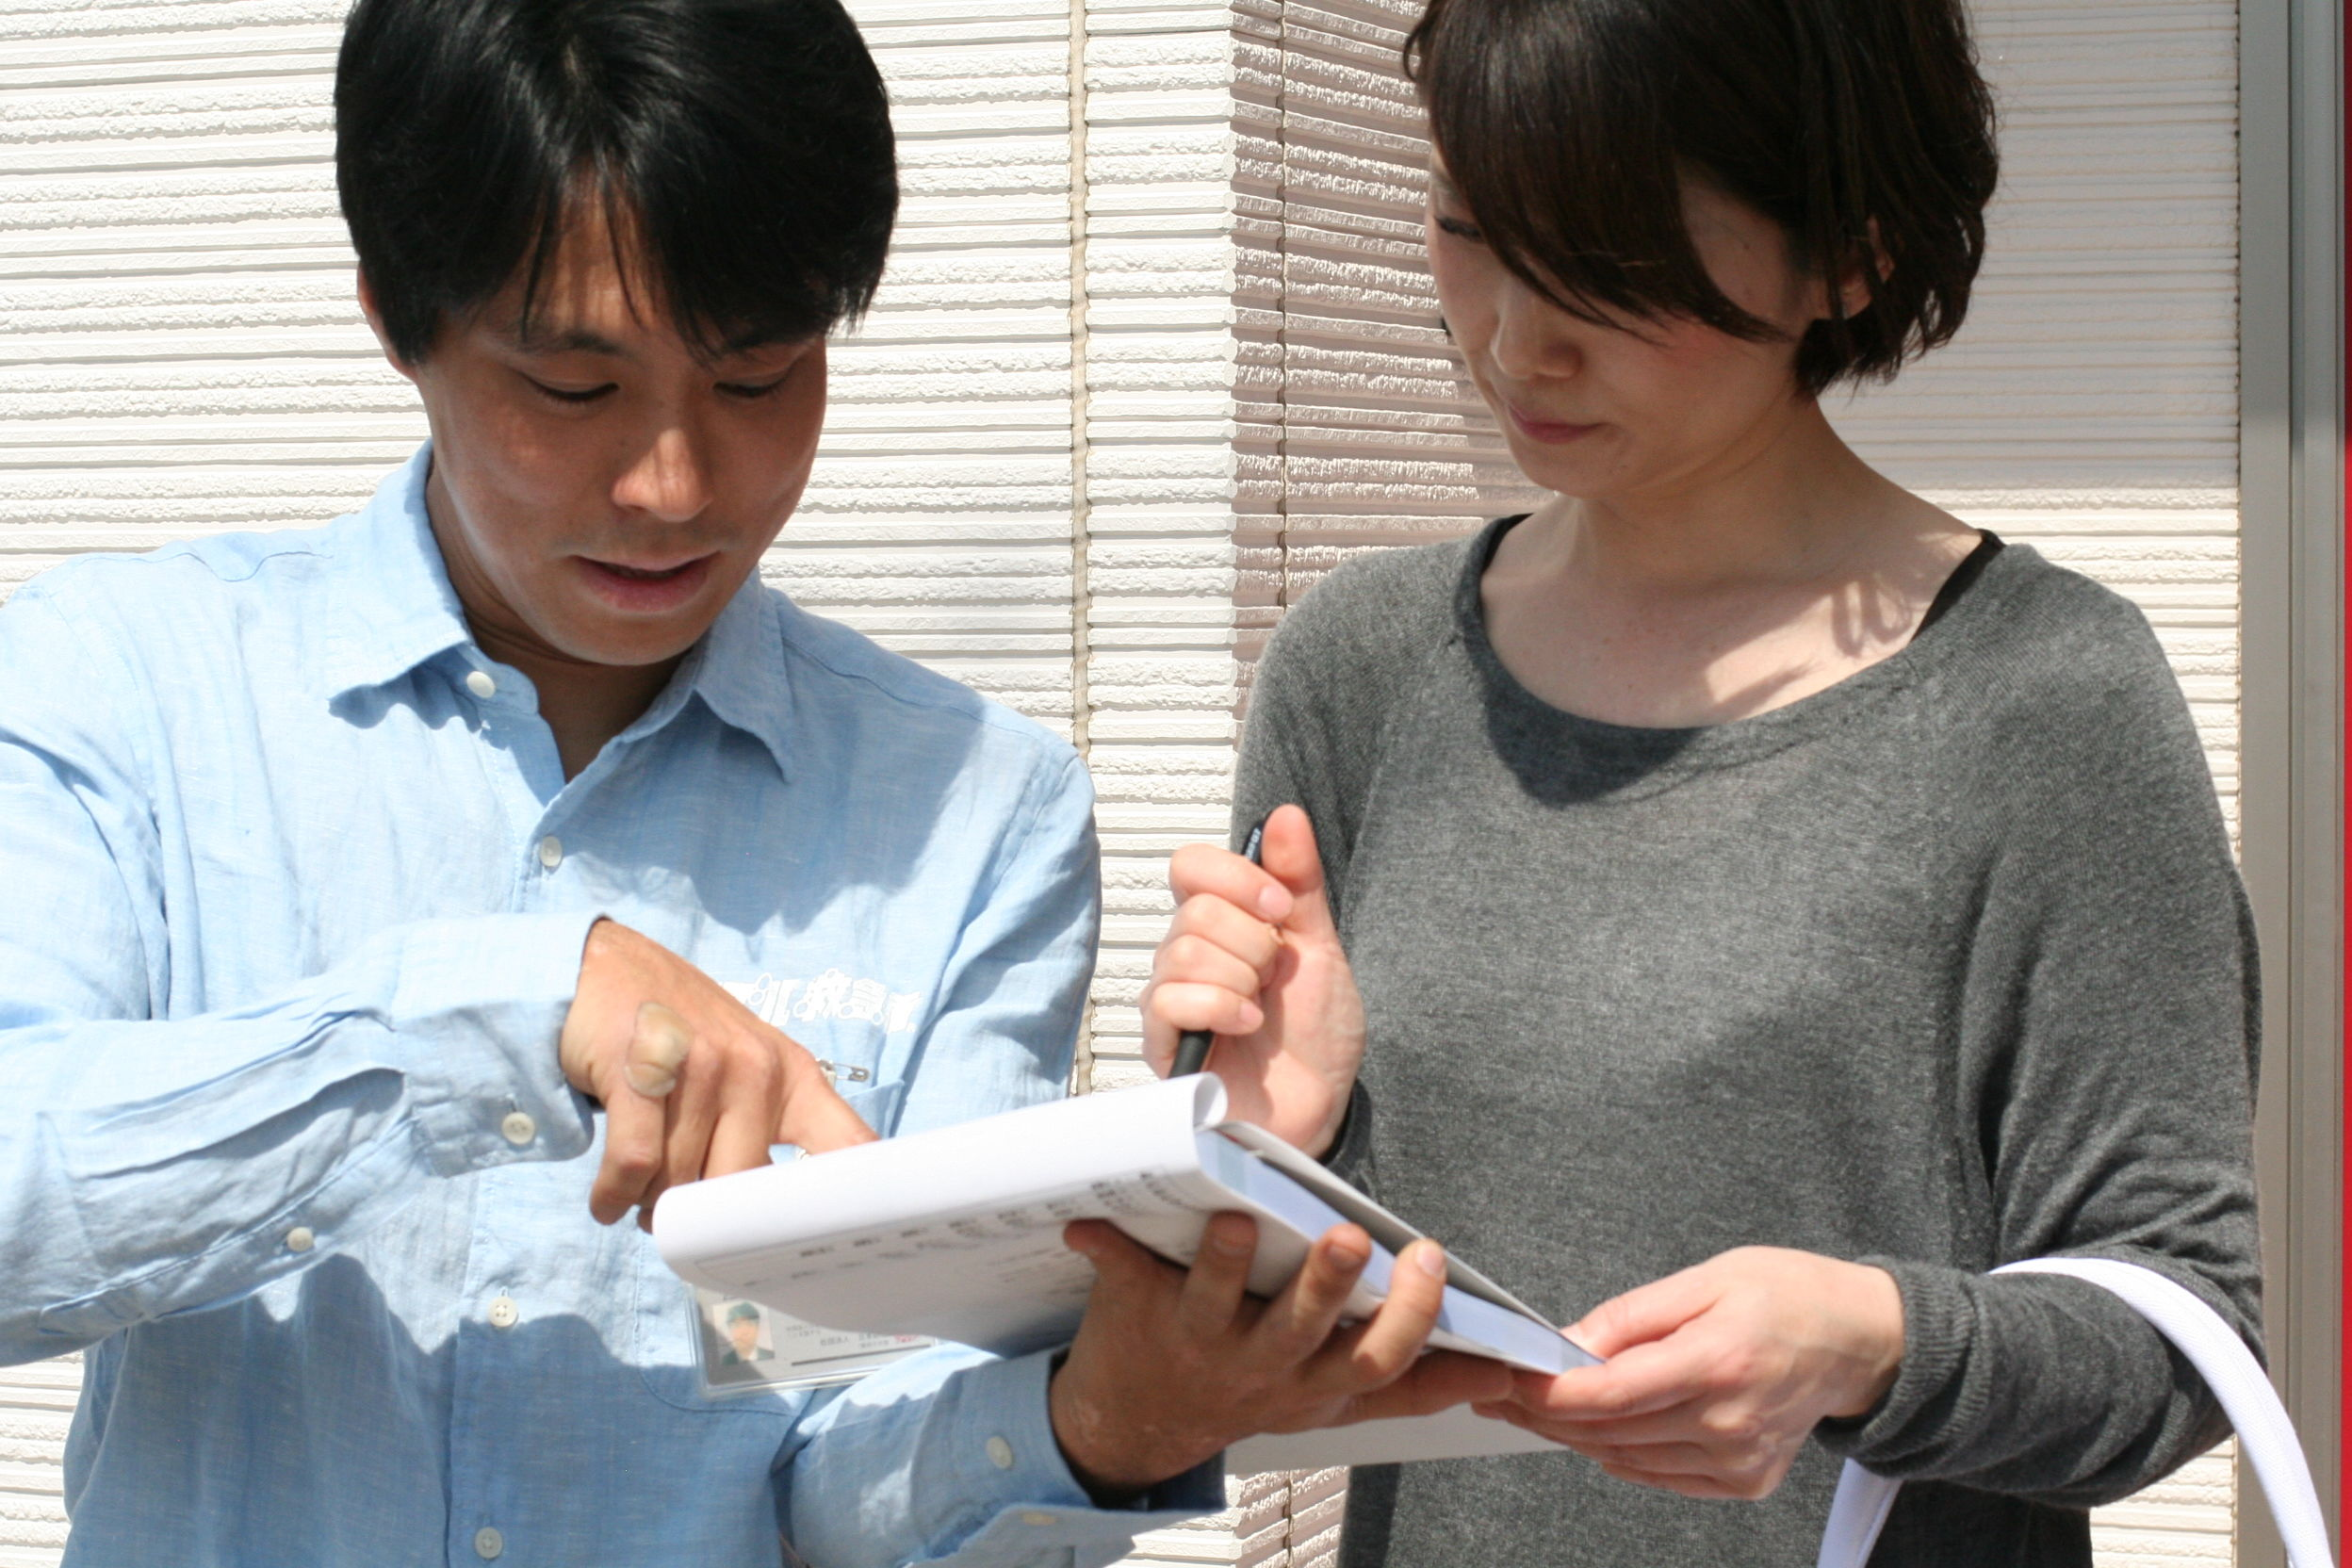 鍵のトラブル救急車【名古屋市千種区 出張エリア】のメイン画像